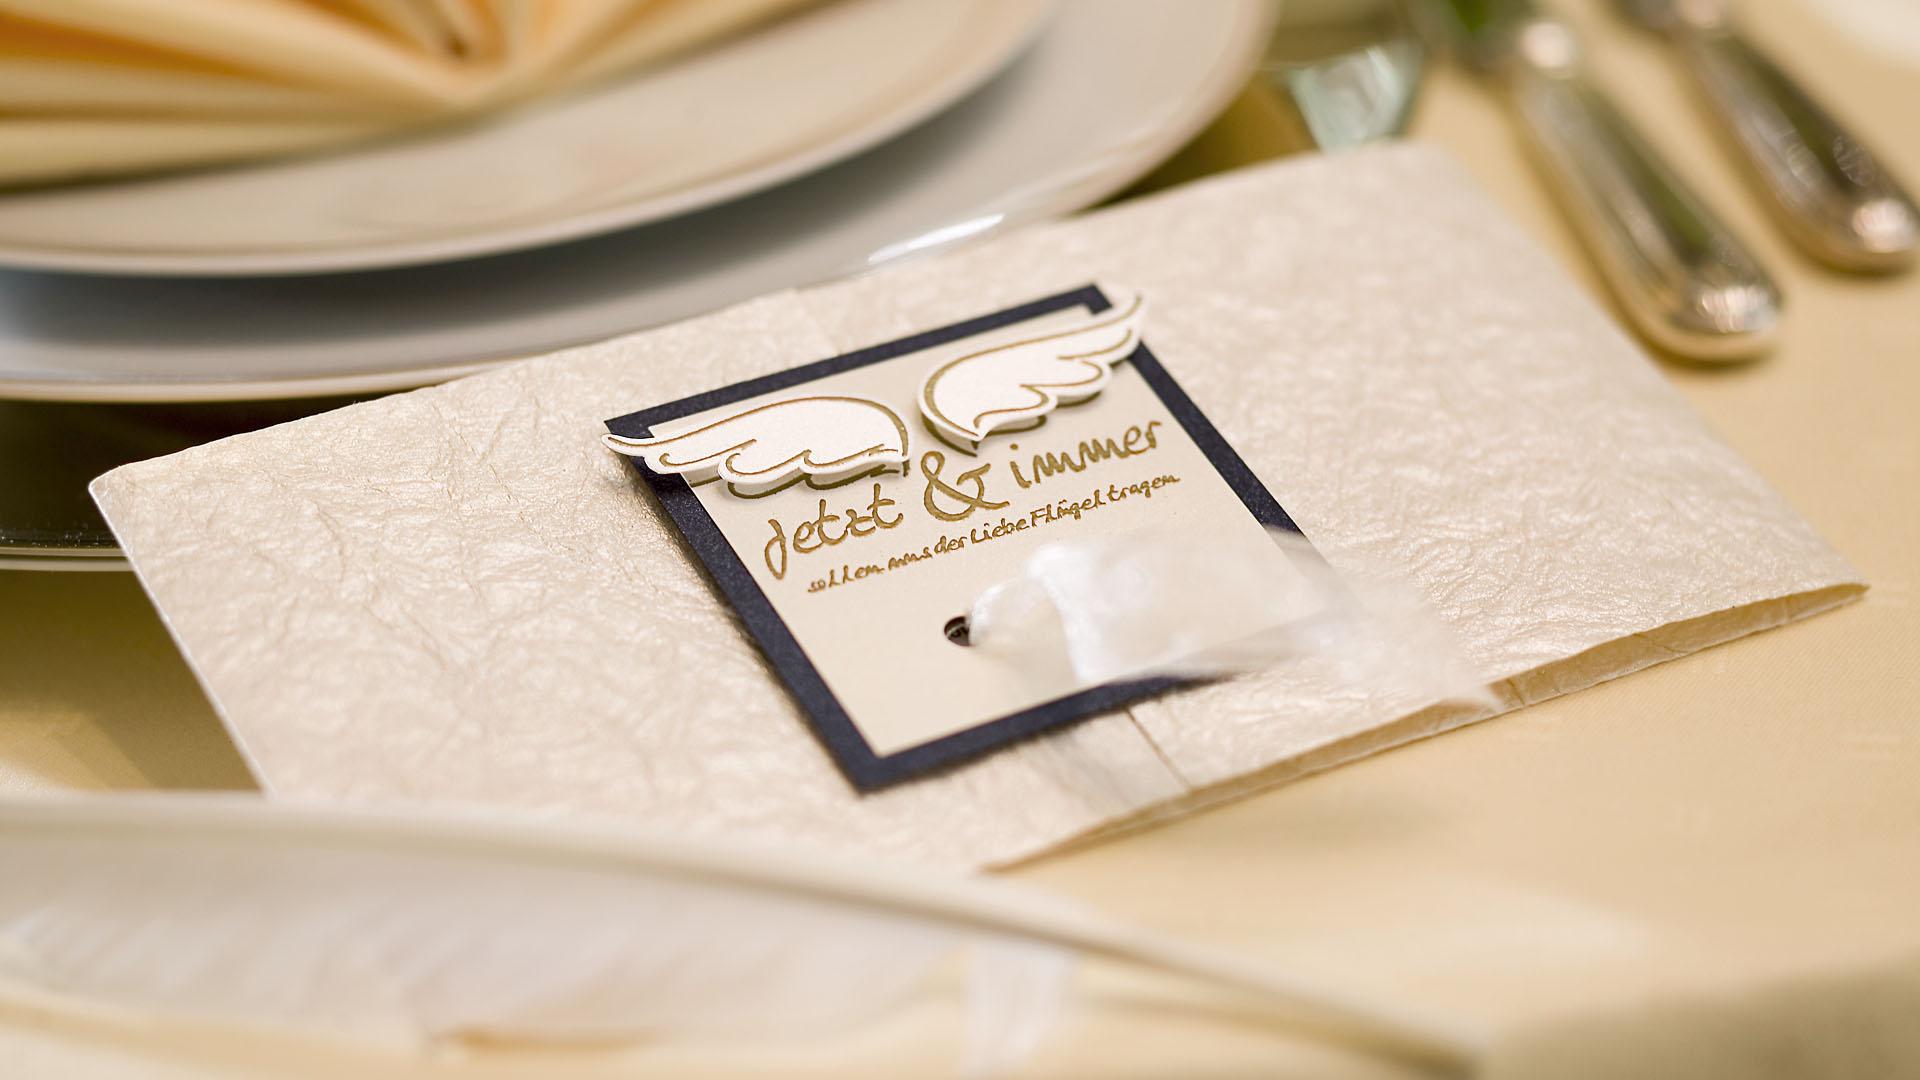 Ideen für Hochzeiten: Liebe federleicht | Einladung